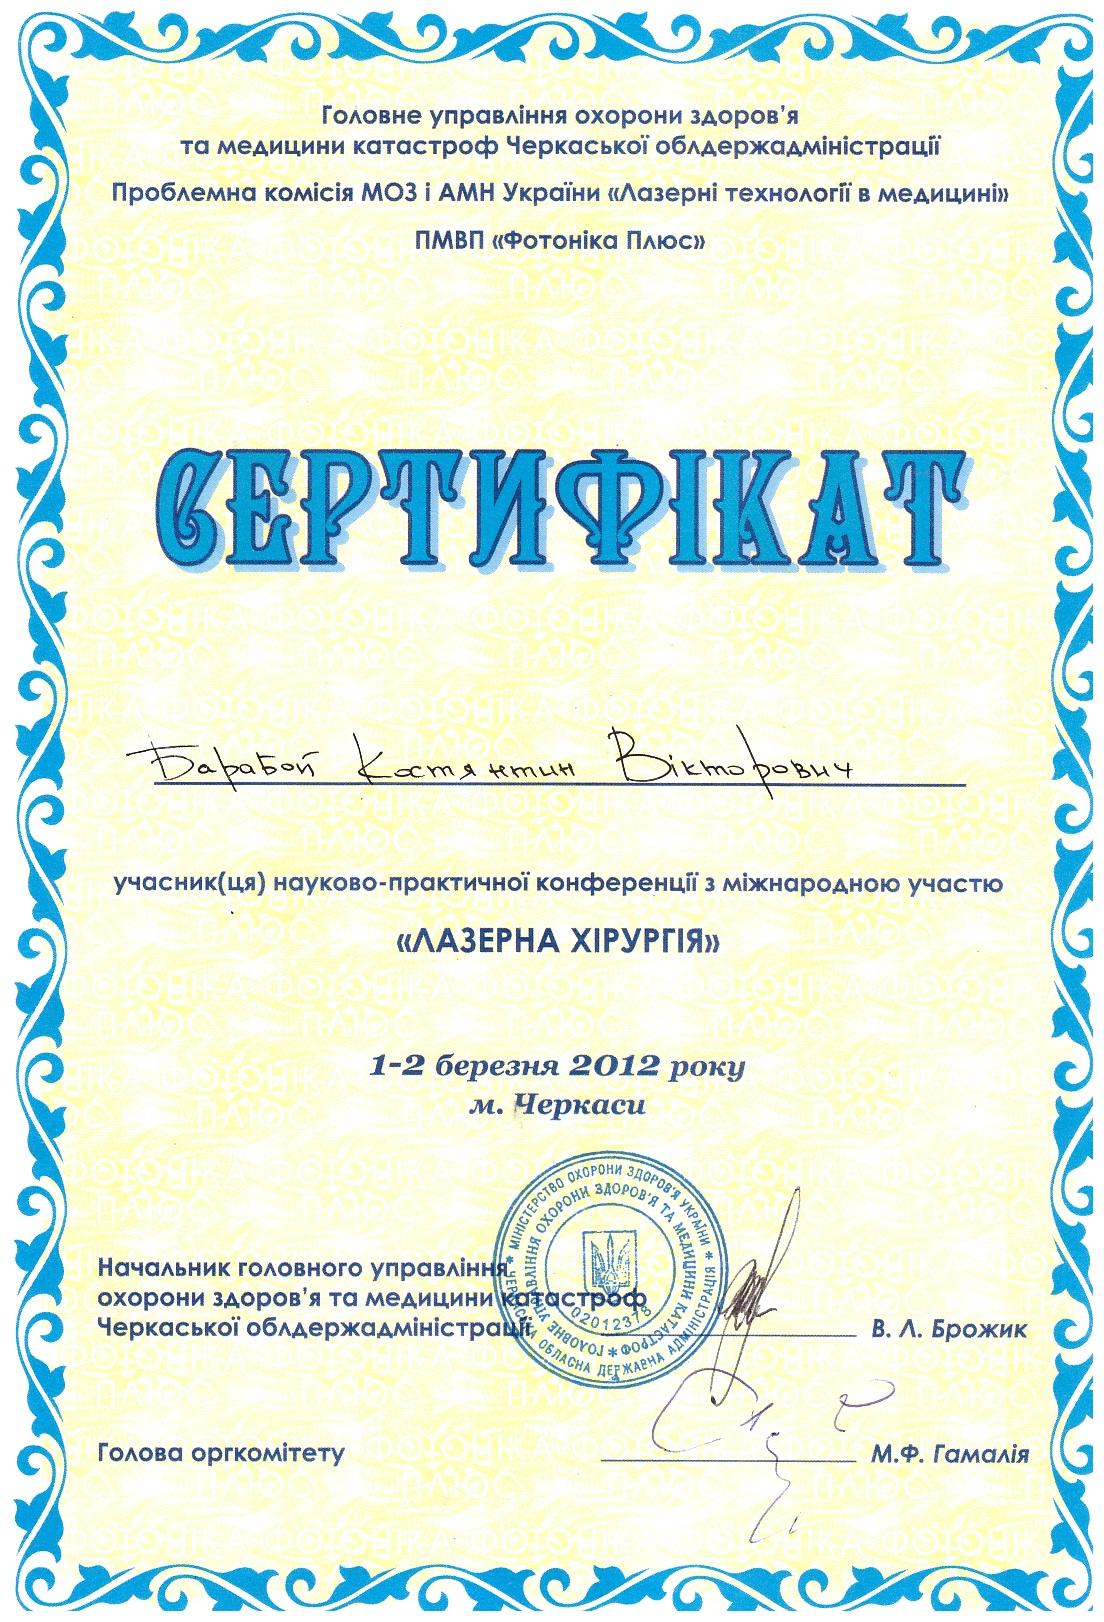 """Сертификат """"Лазерная хирургия"""""""